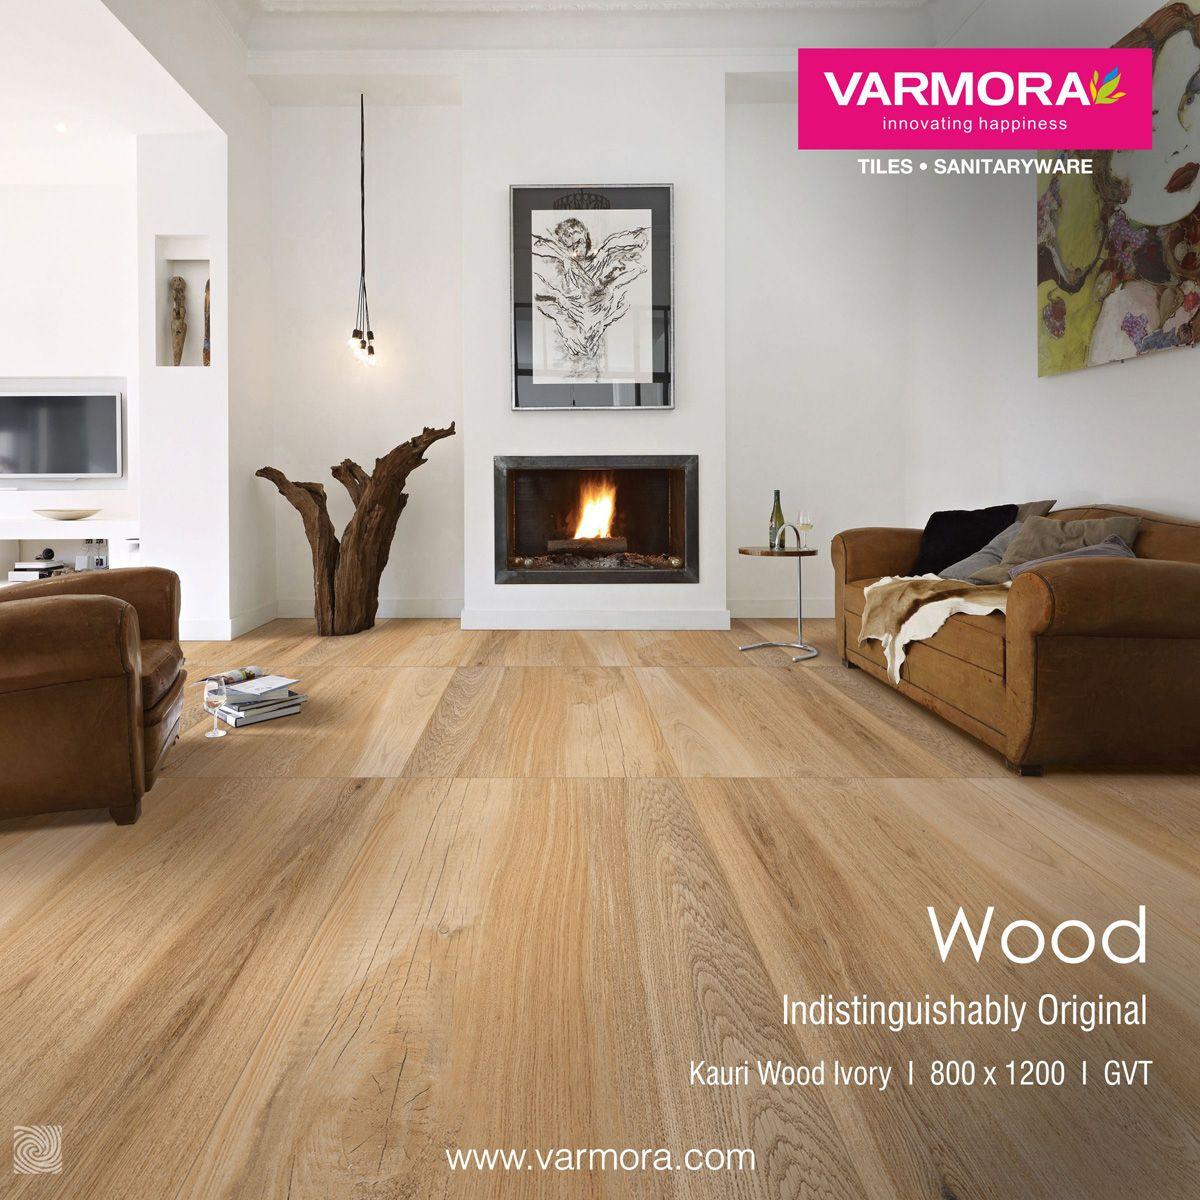 Wood Indistinguishable Original Kauri Wood Ivory Tile From